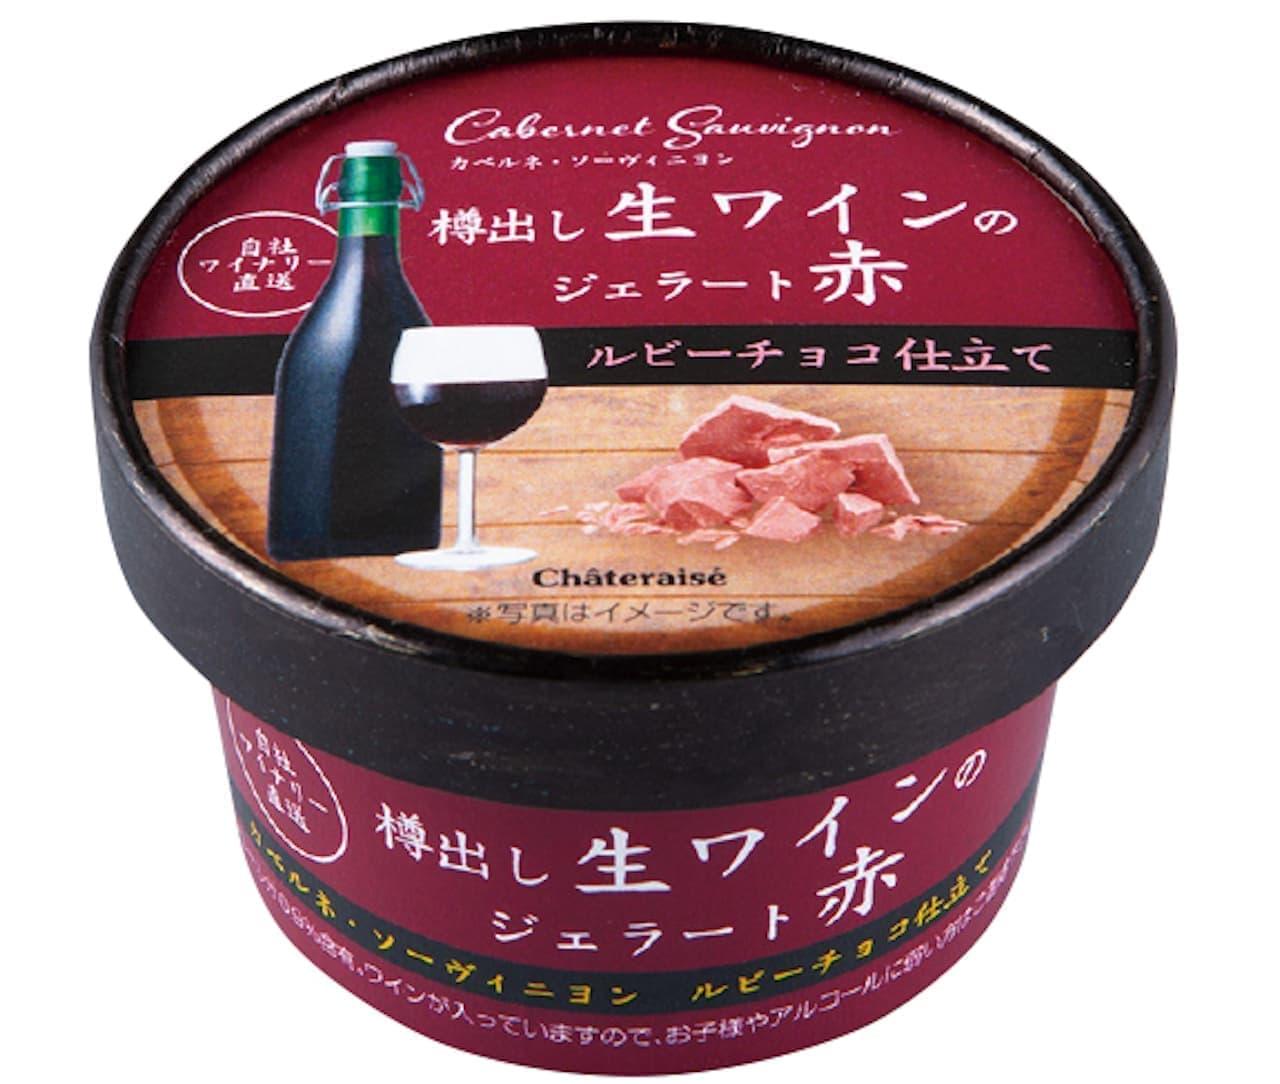 シャトレーゼ「 樽出し生ワインのジェラート赤 ルビーチョコ仕立て」